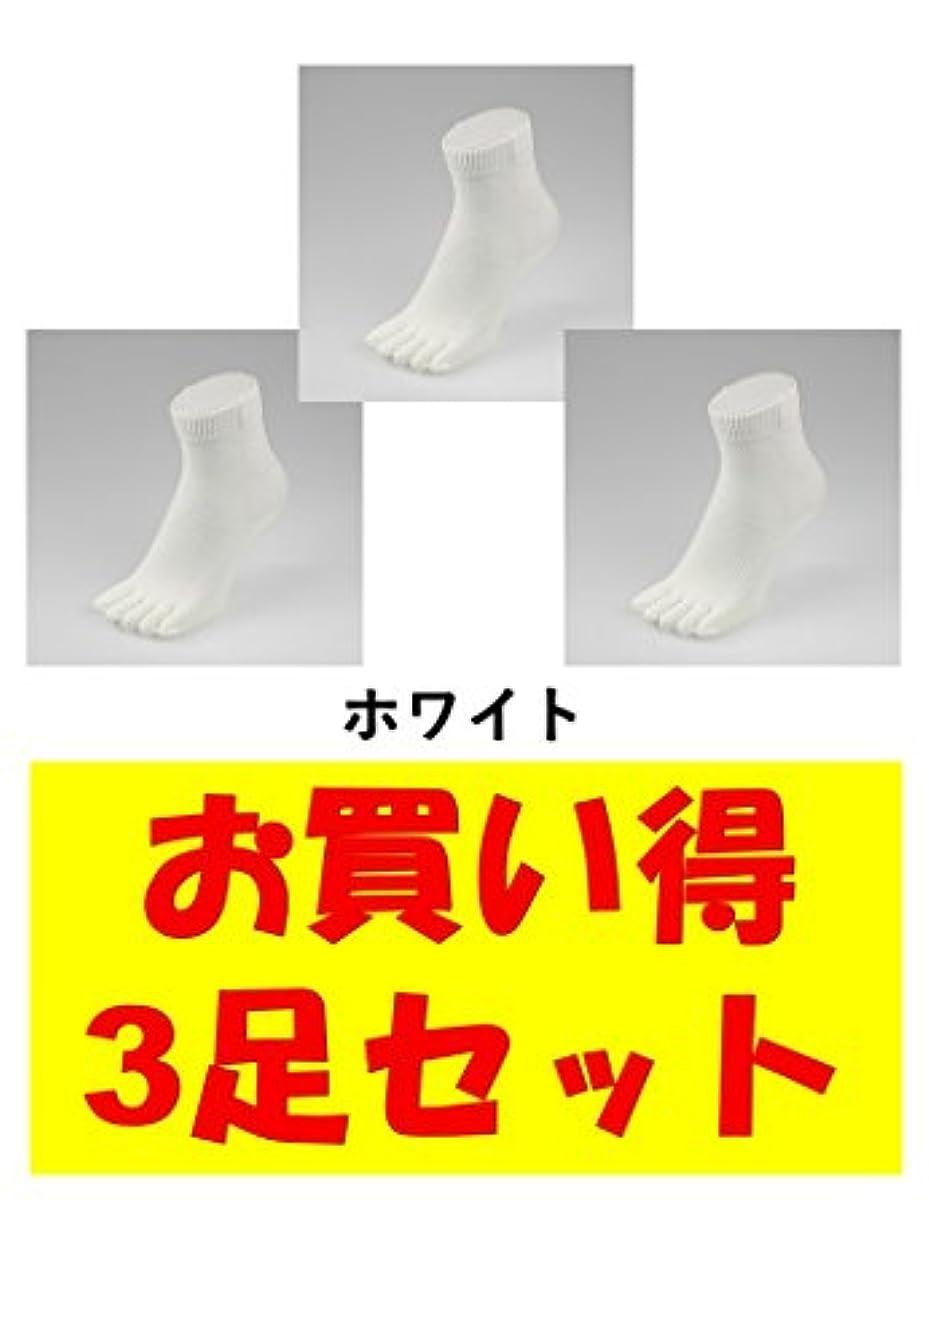 休憩する資格情報言うまでもなくお買い得3足セット 5本指 ゆびのばソックス Neo EVE(イヴ) ホワイト Sサイズ(21.0cm - 24.0cm) YSNEVE-WHT